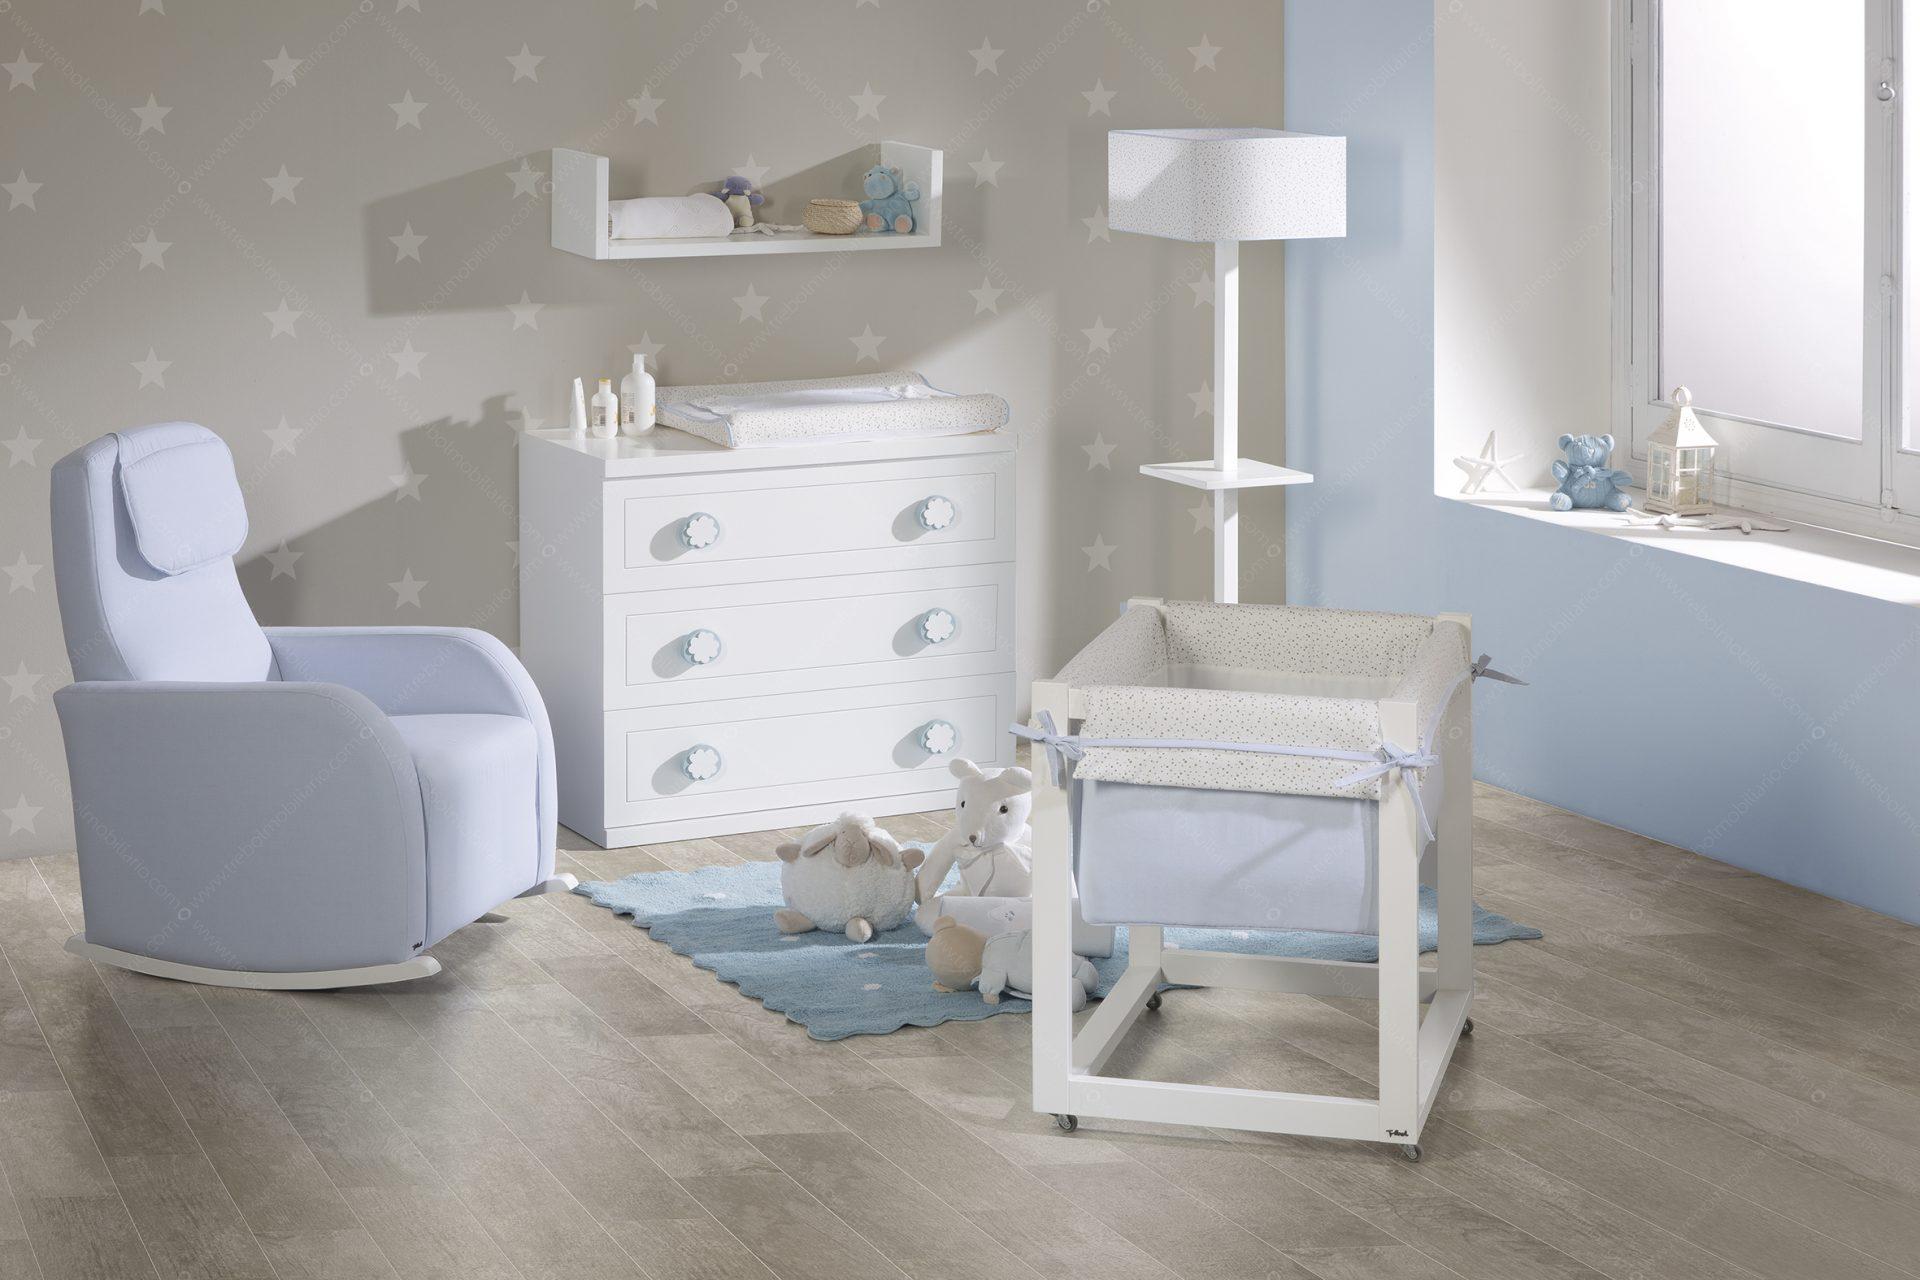 dormitorio juvenil infantil muebles zaragoza